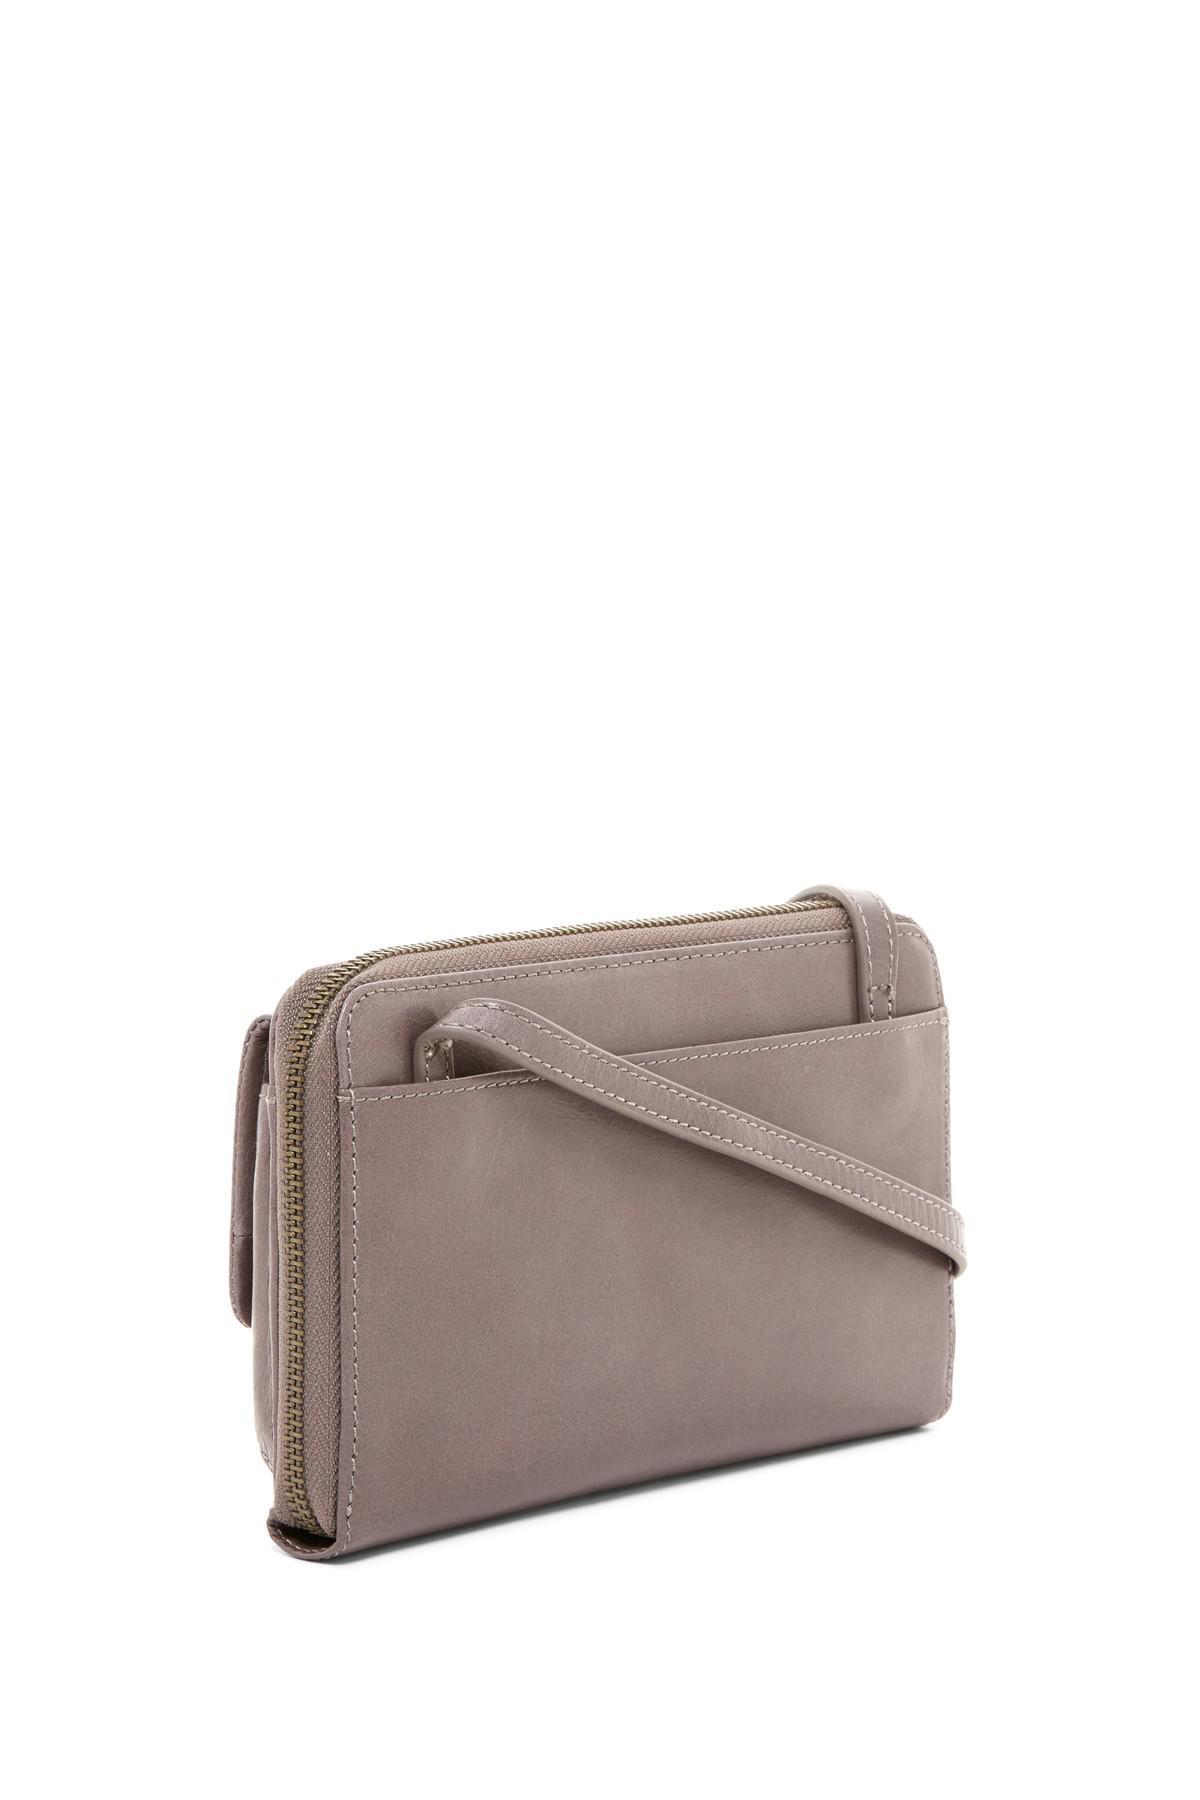 Lyst Hobo Abrielle Leather Crossbody Bag Ready Nwt Maya Brown Gallery